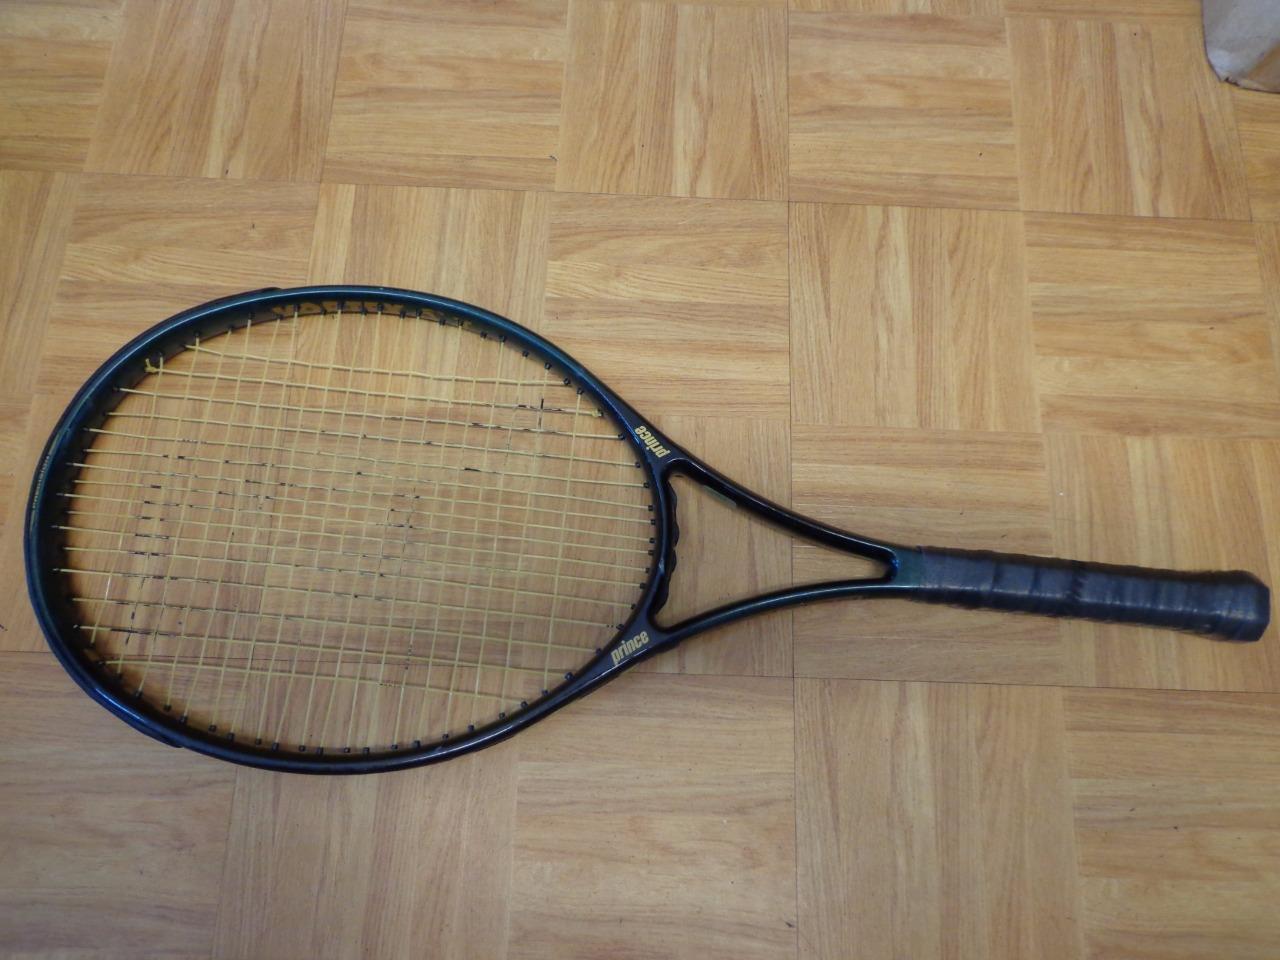 El príncipe precisión Vortex 720PL 107 cabeza 4 1 4 Grip Tenis Raqueta